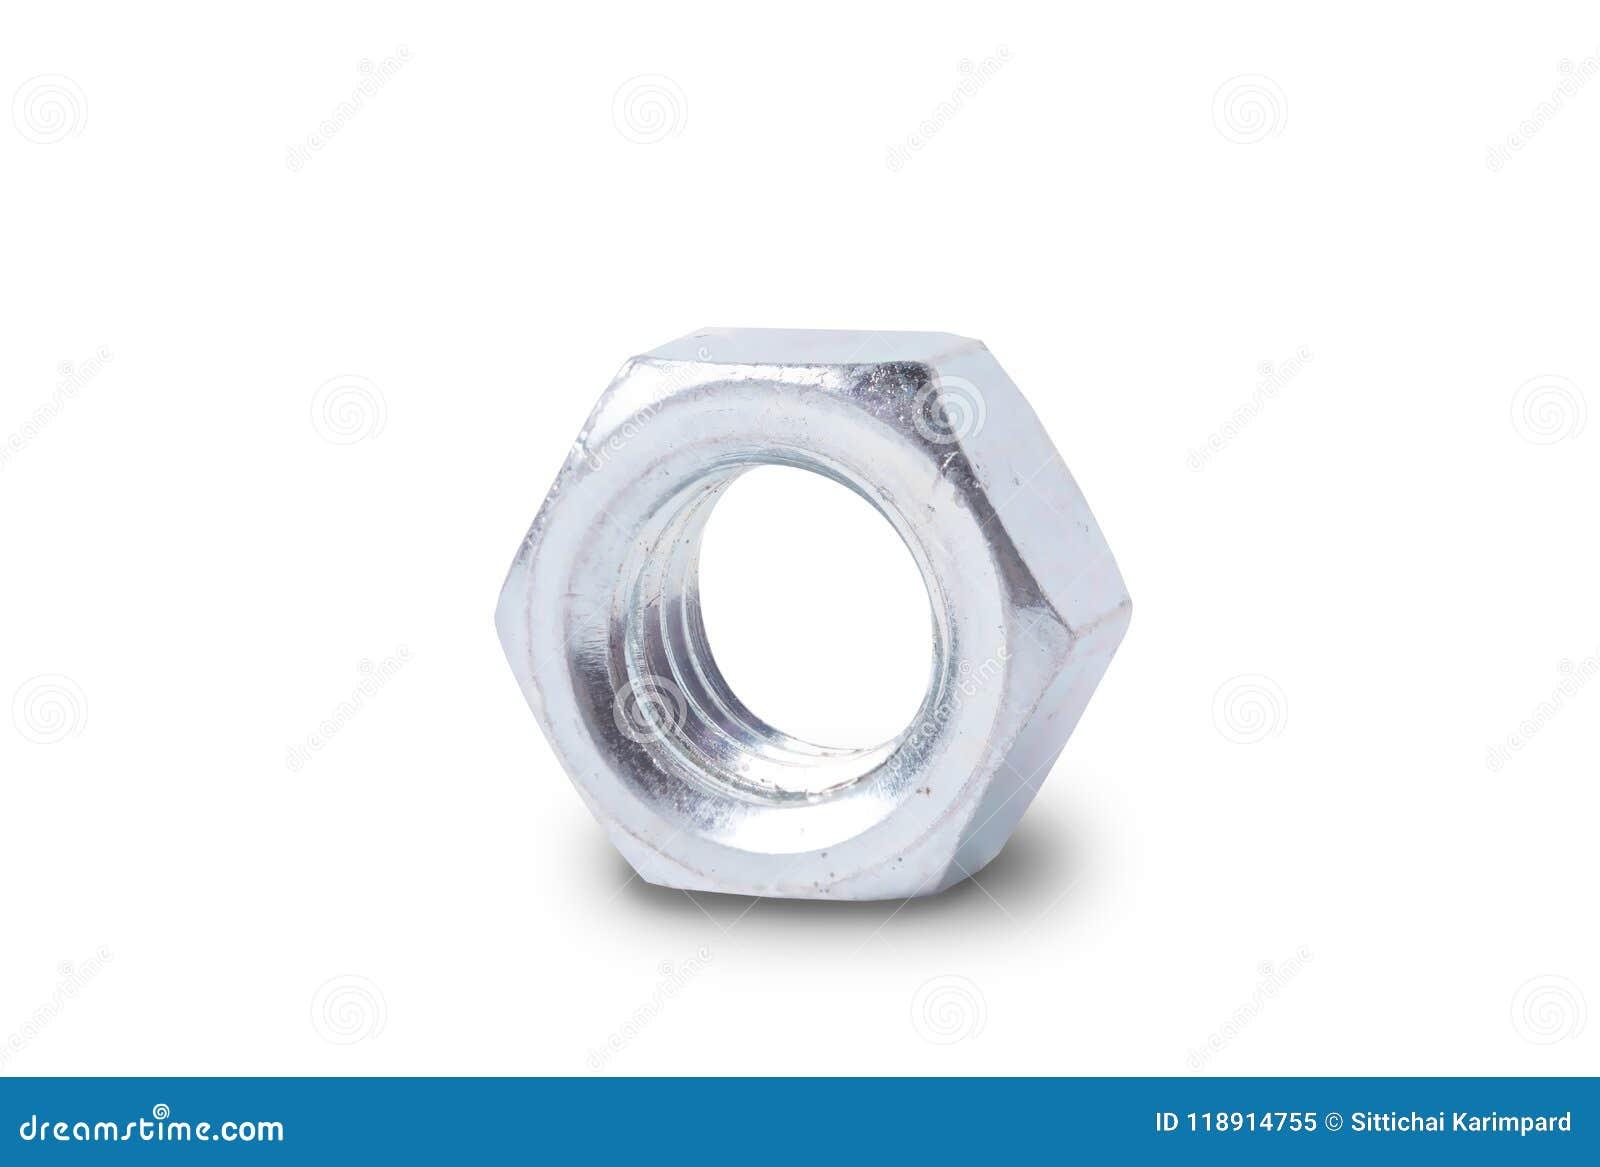 螺栓和螺母